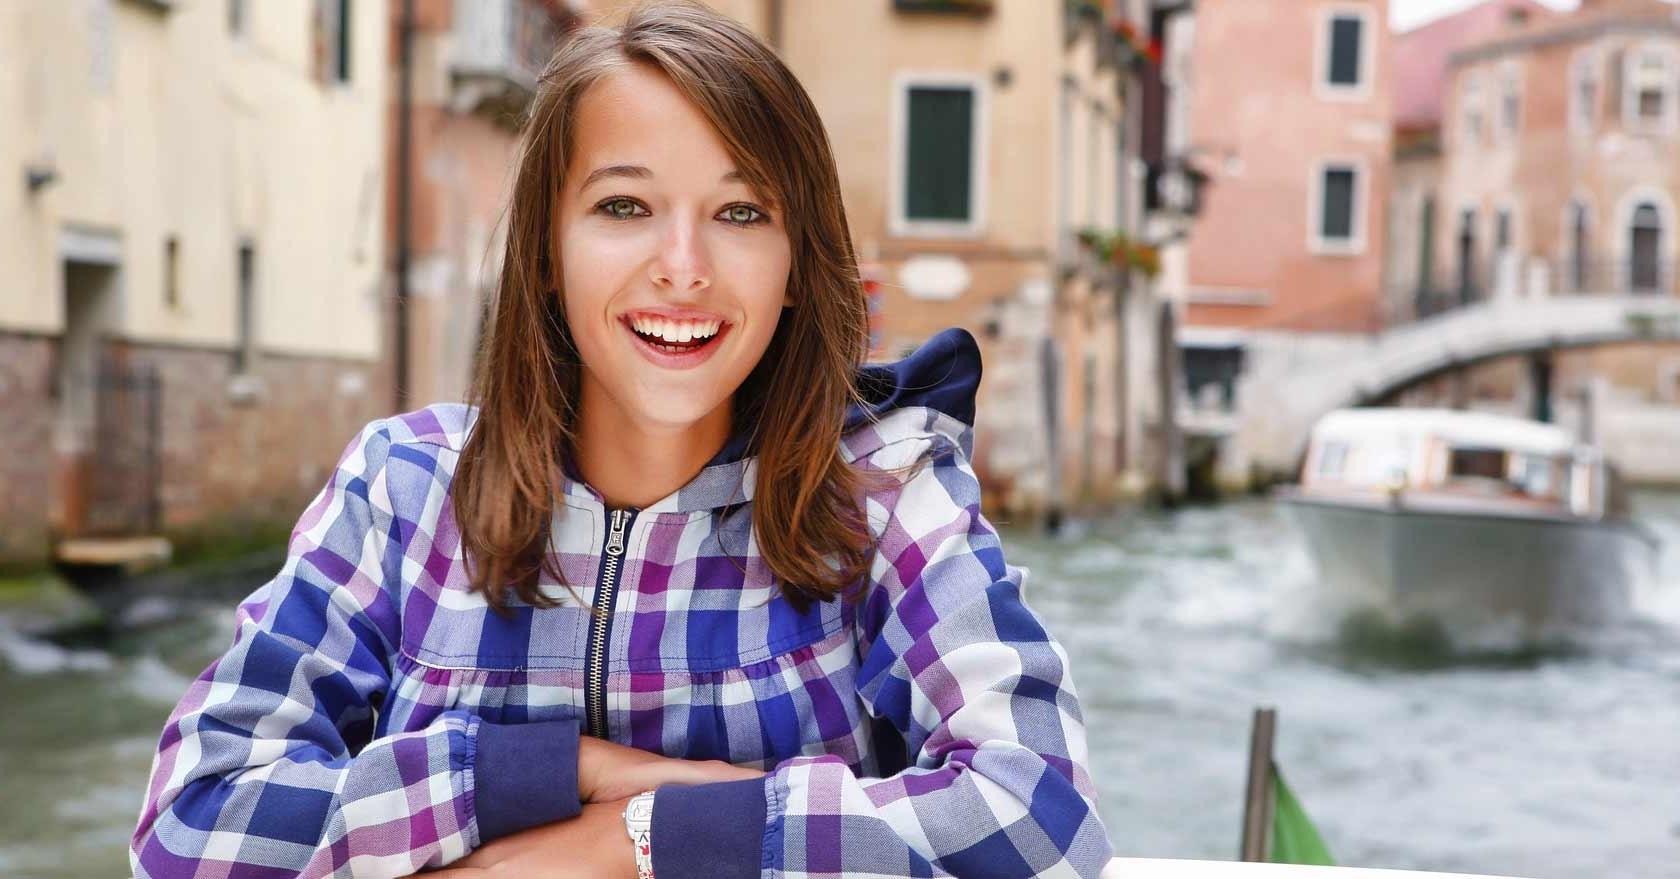 DILIT IH: Общий курс итальянского языка